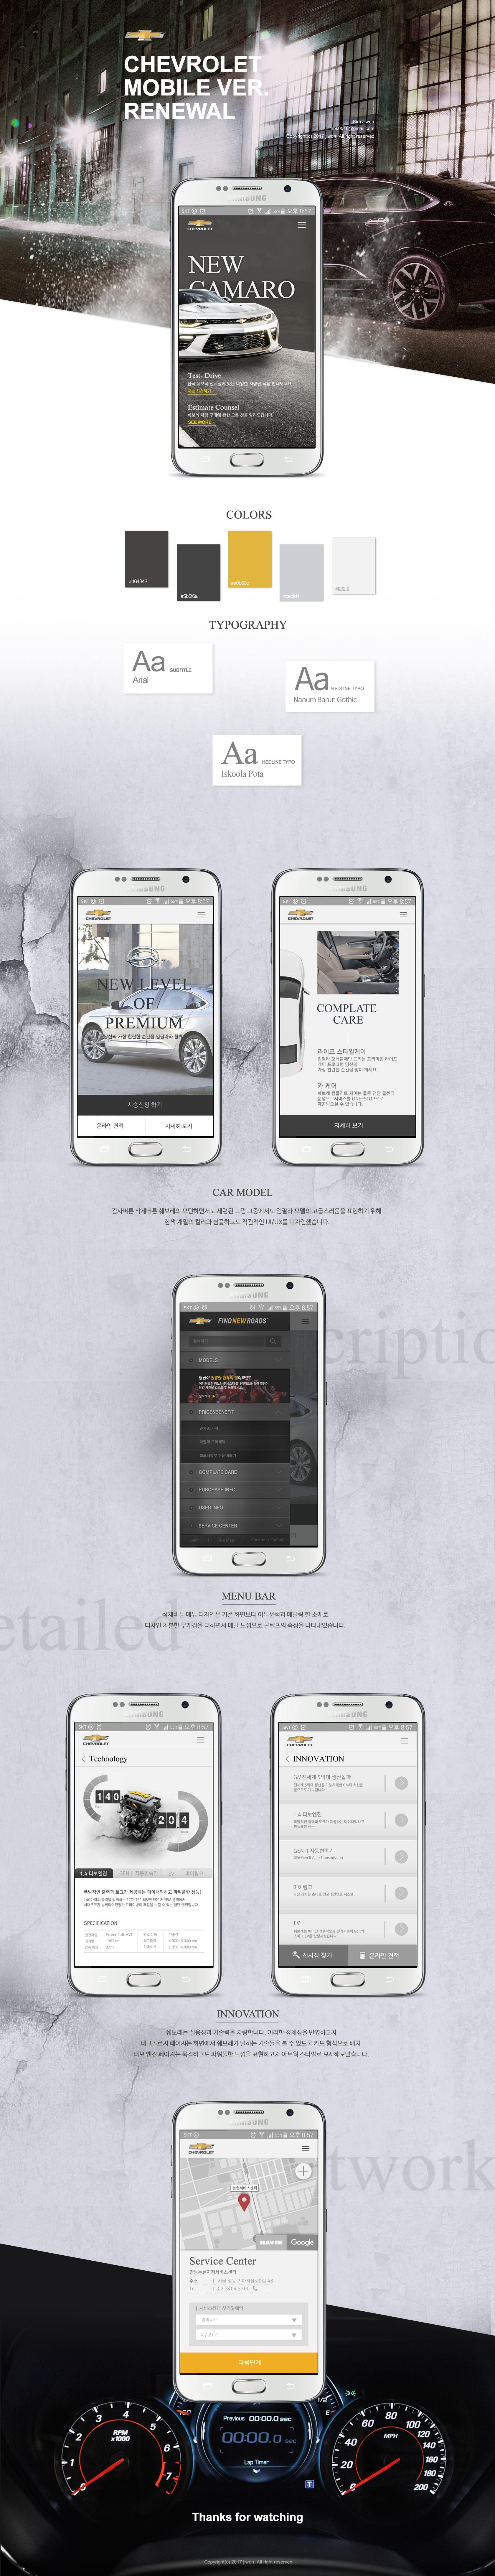 욱스웹디자인아카데미-Chevrolet mobile redesign - Design by Kim-jiwon